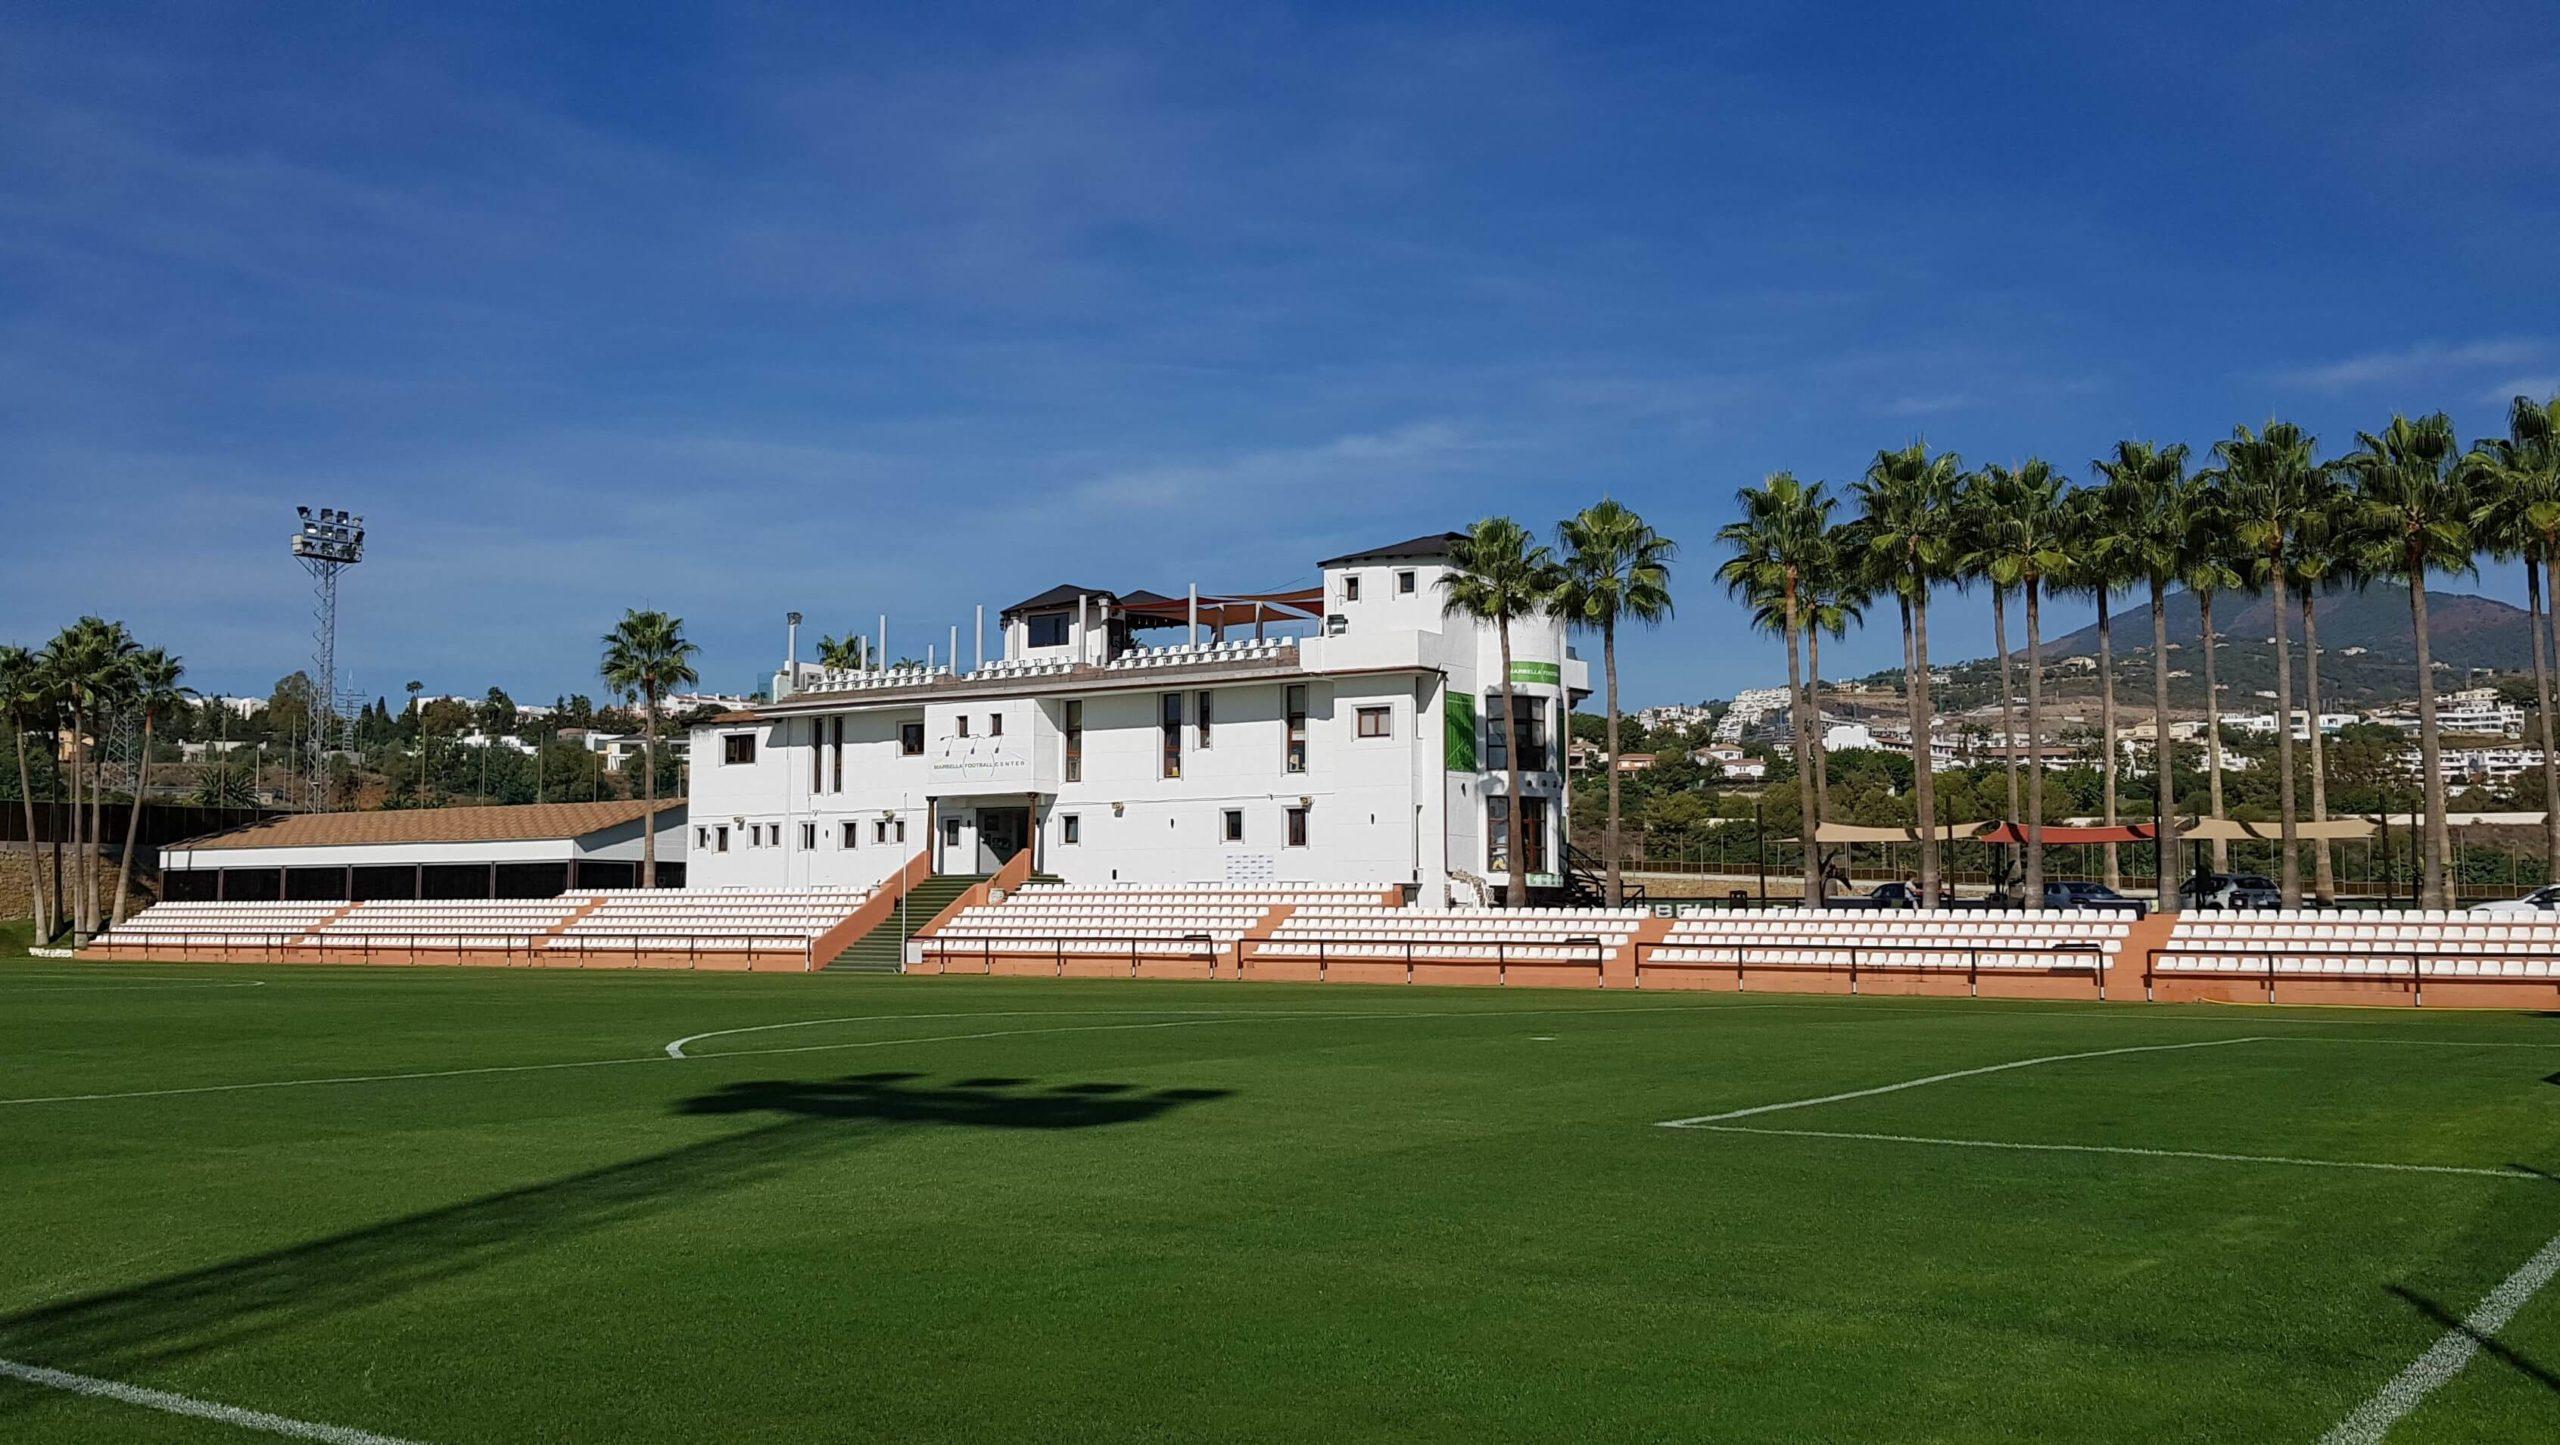 marbella-football-center-2